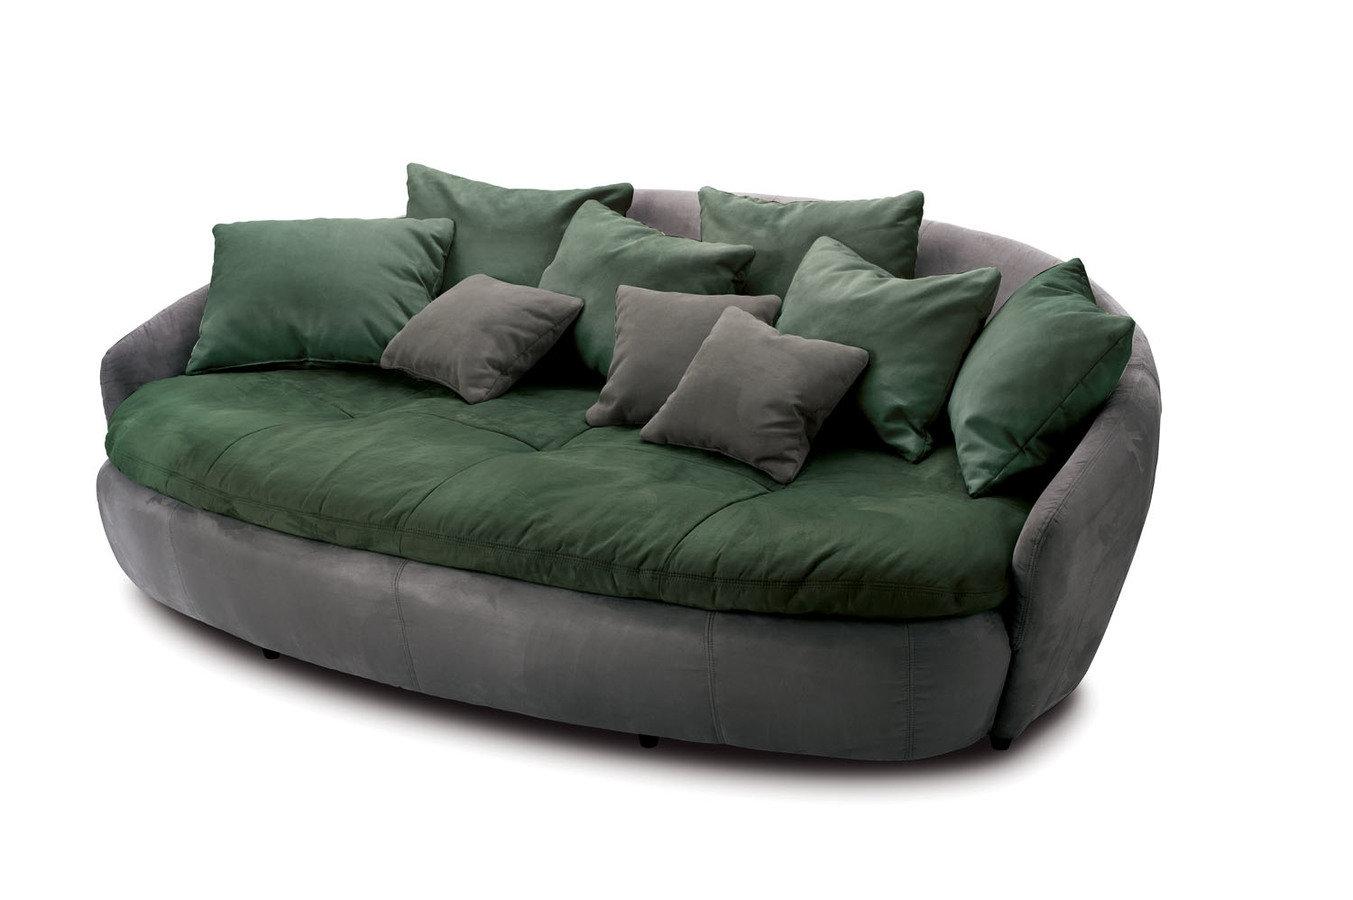 Poltrone Reclinabili Semeraro Poltrona divano soggiorno